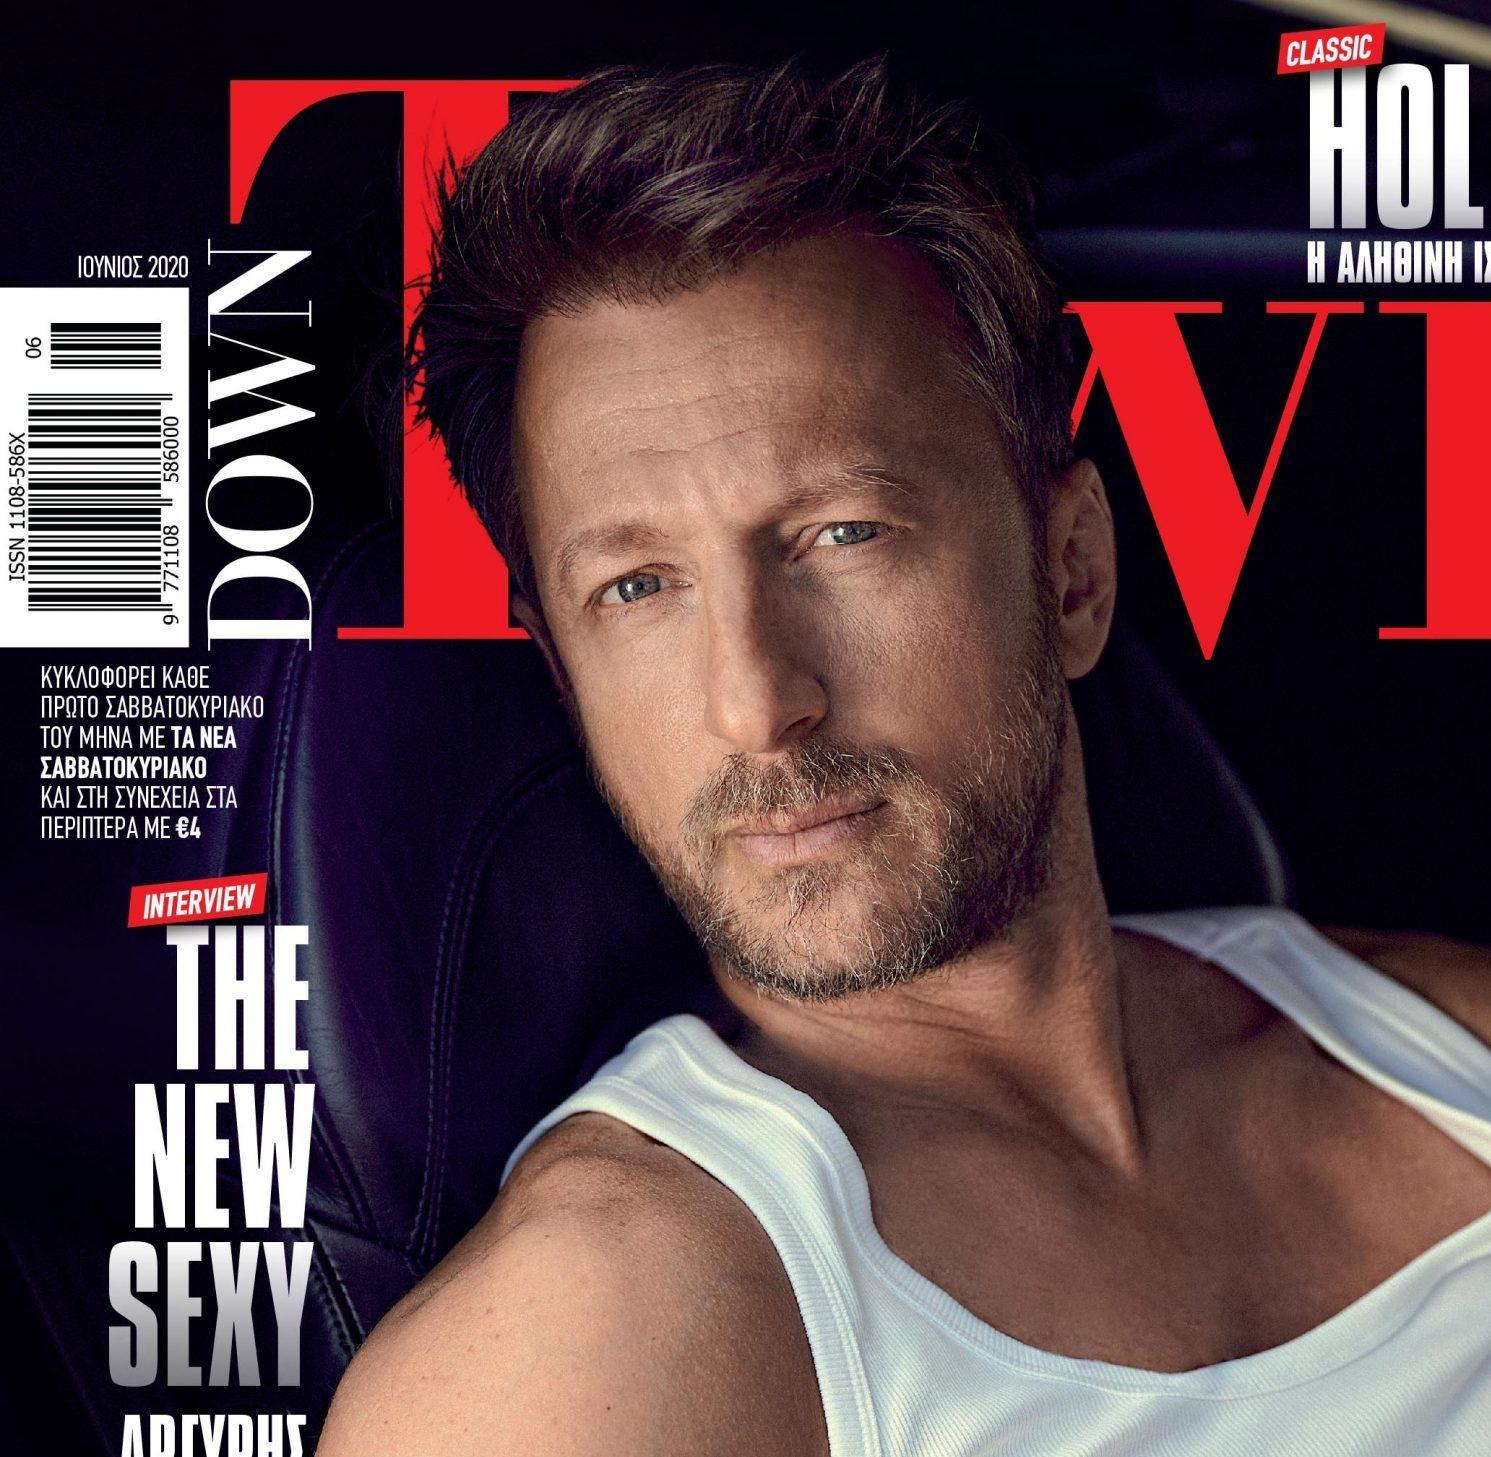 Το καινούργιο τεύχος του DownTown κυκλοφορεί ήδη στα περίπτερα. Το ξεφυλλίζουμε μαζί σας